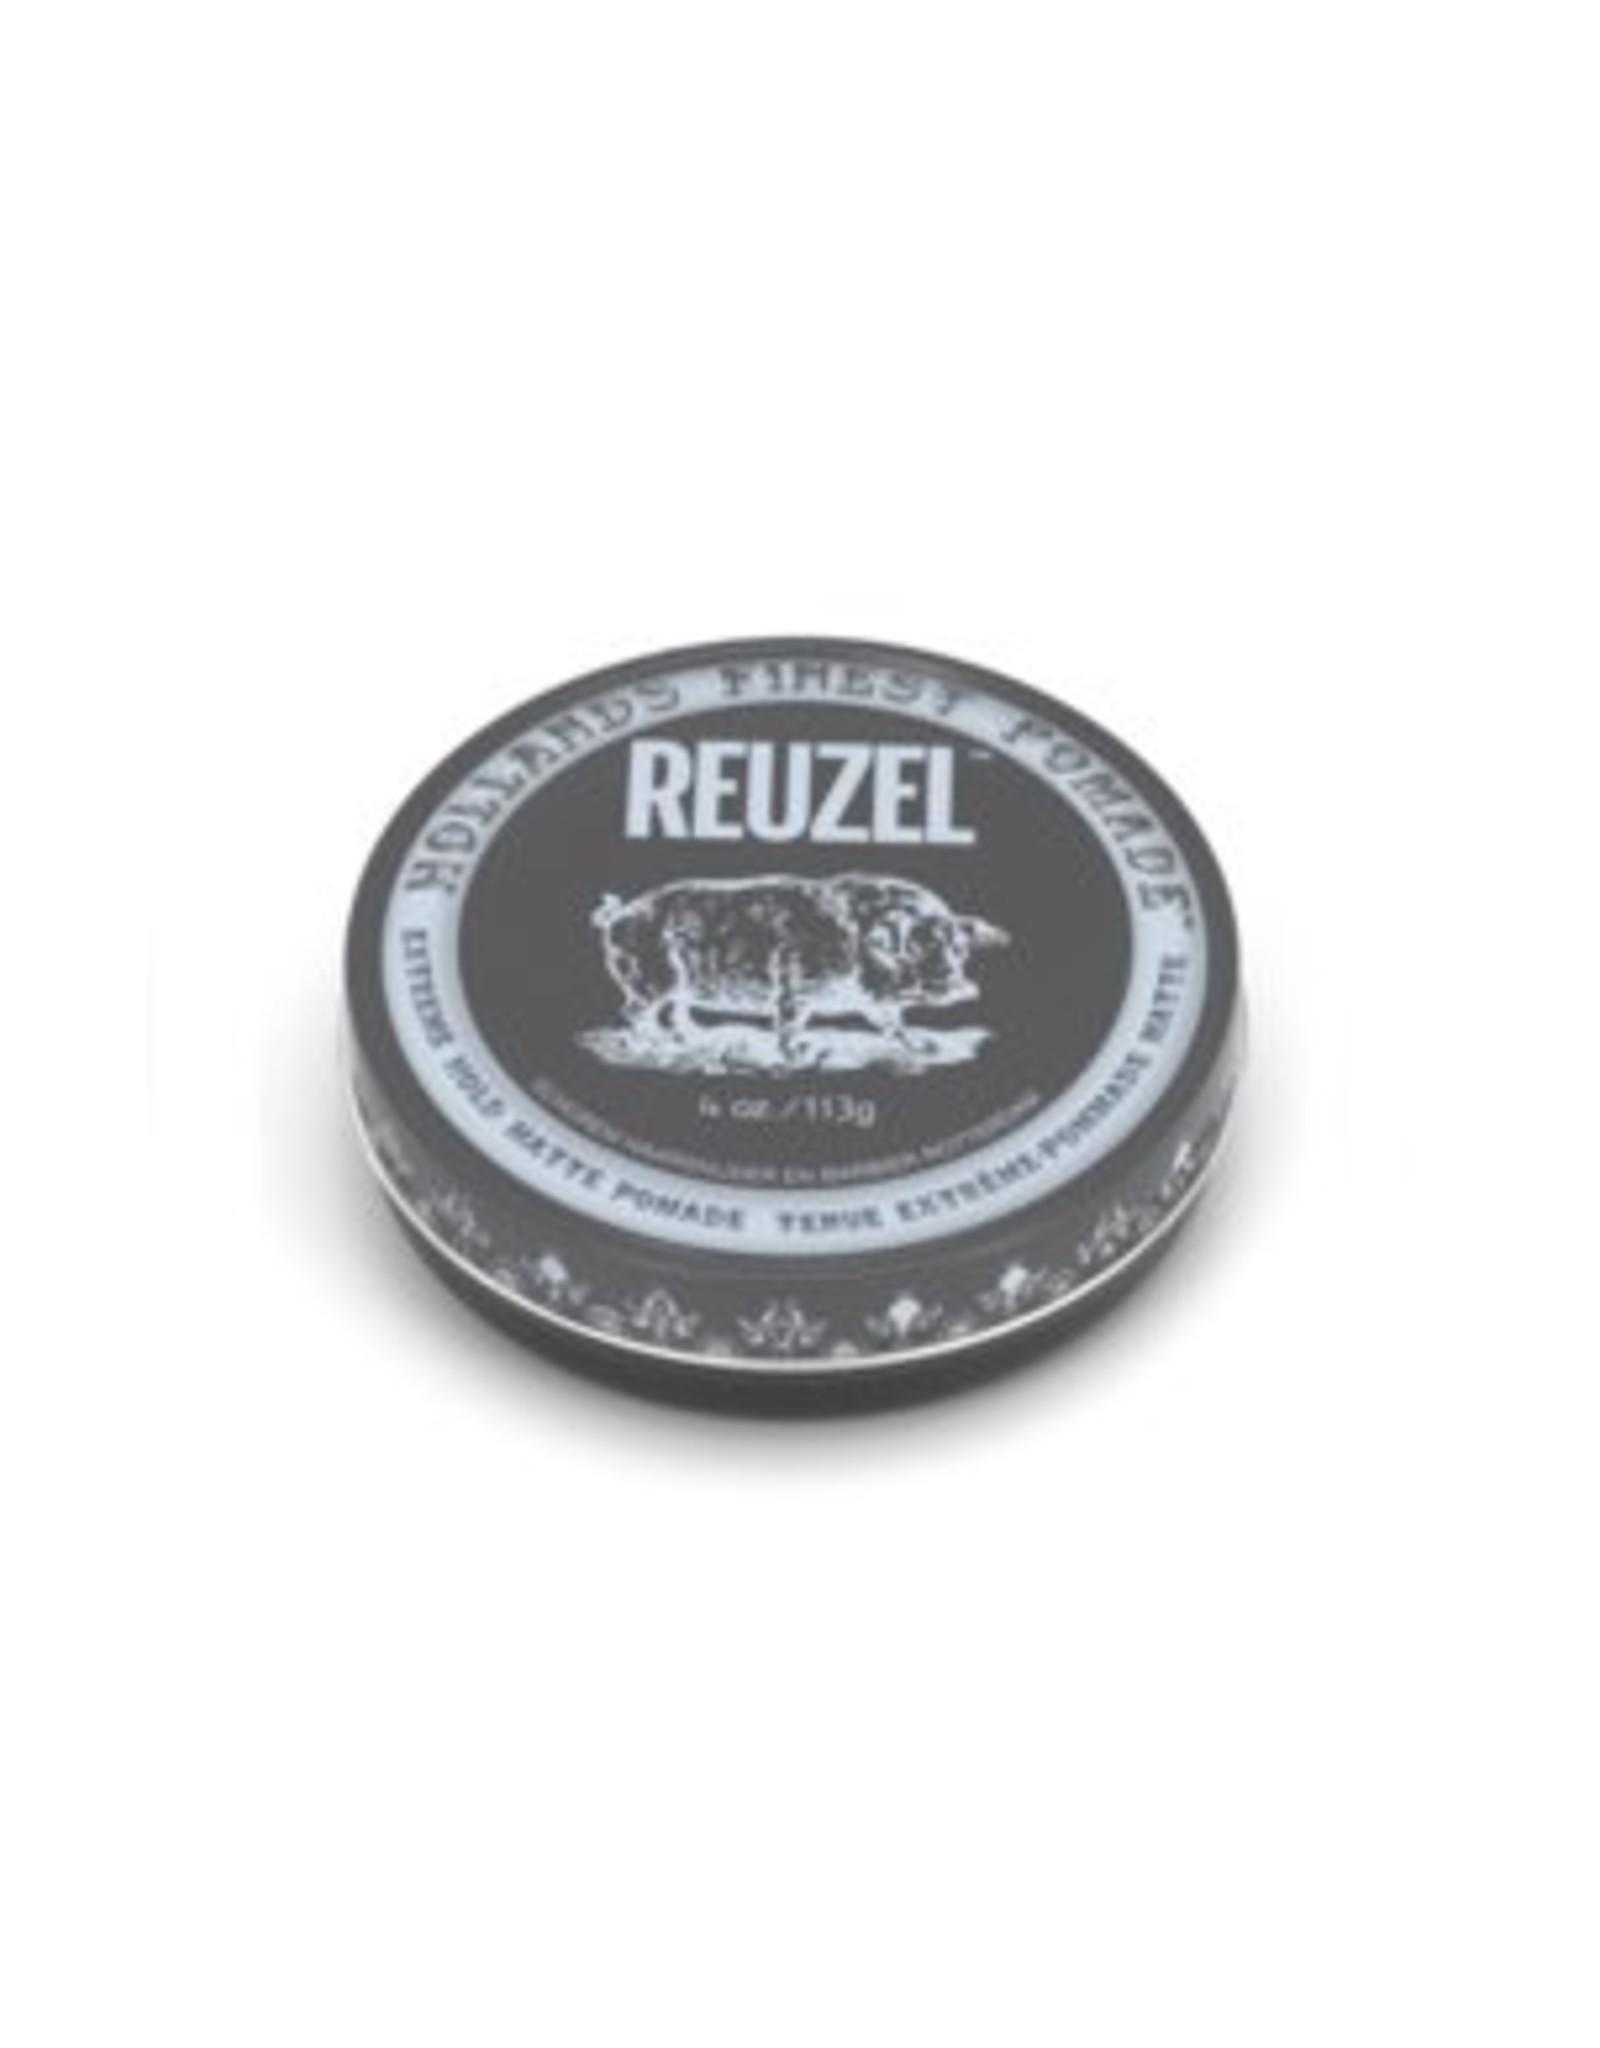 Reuzel Reuzel Grey